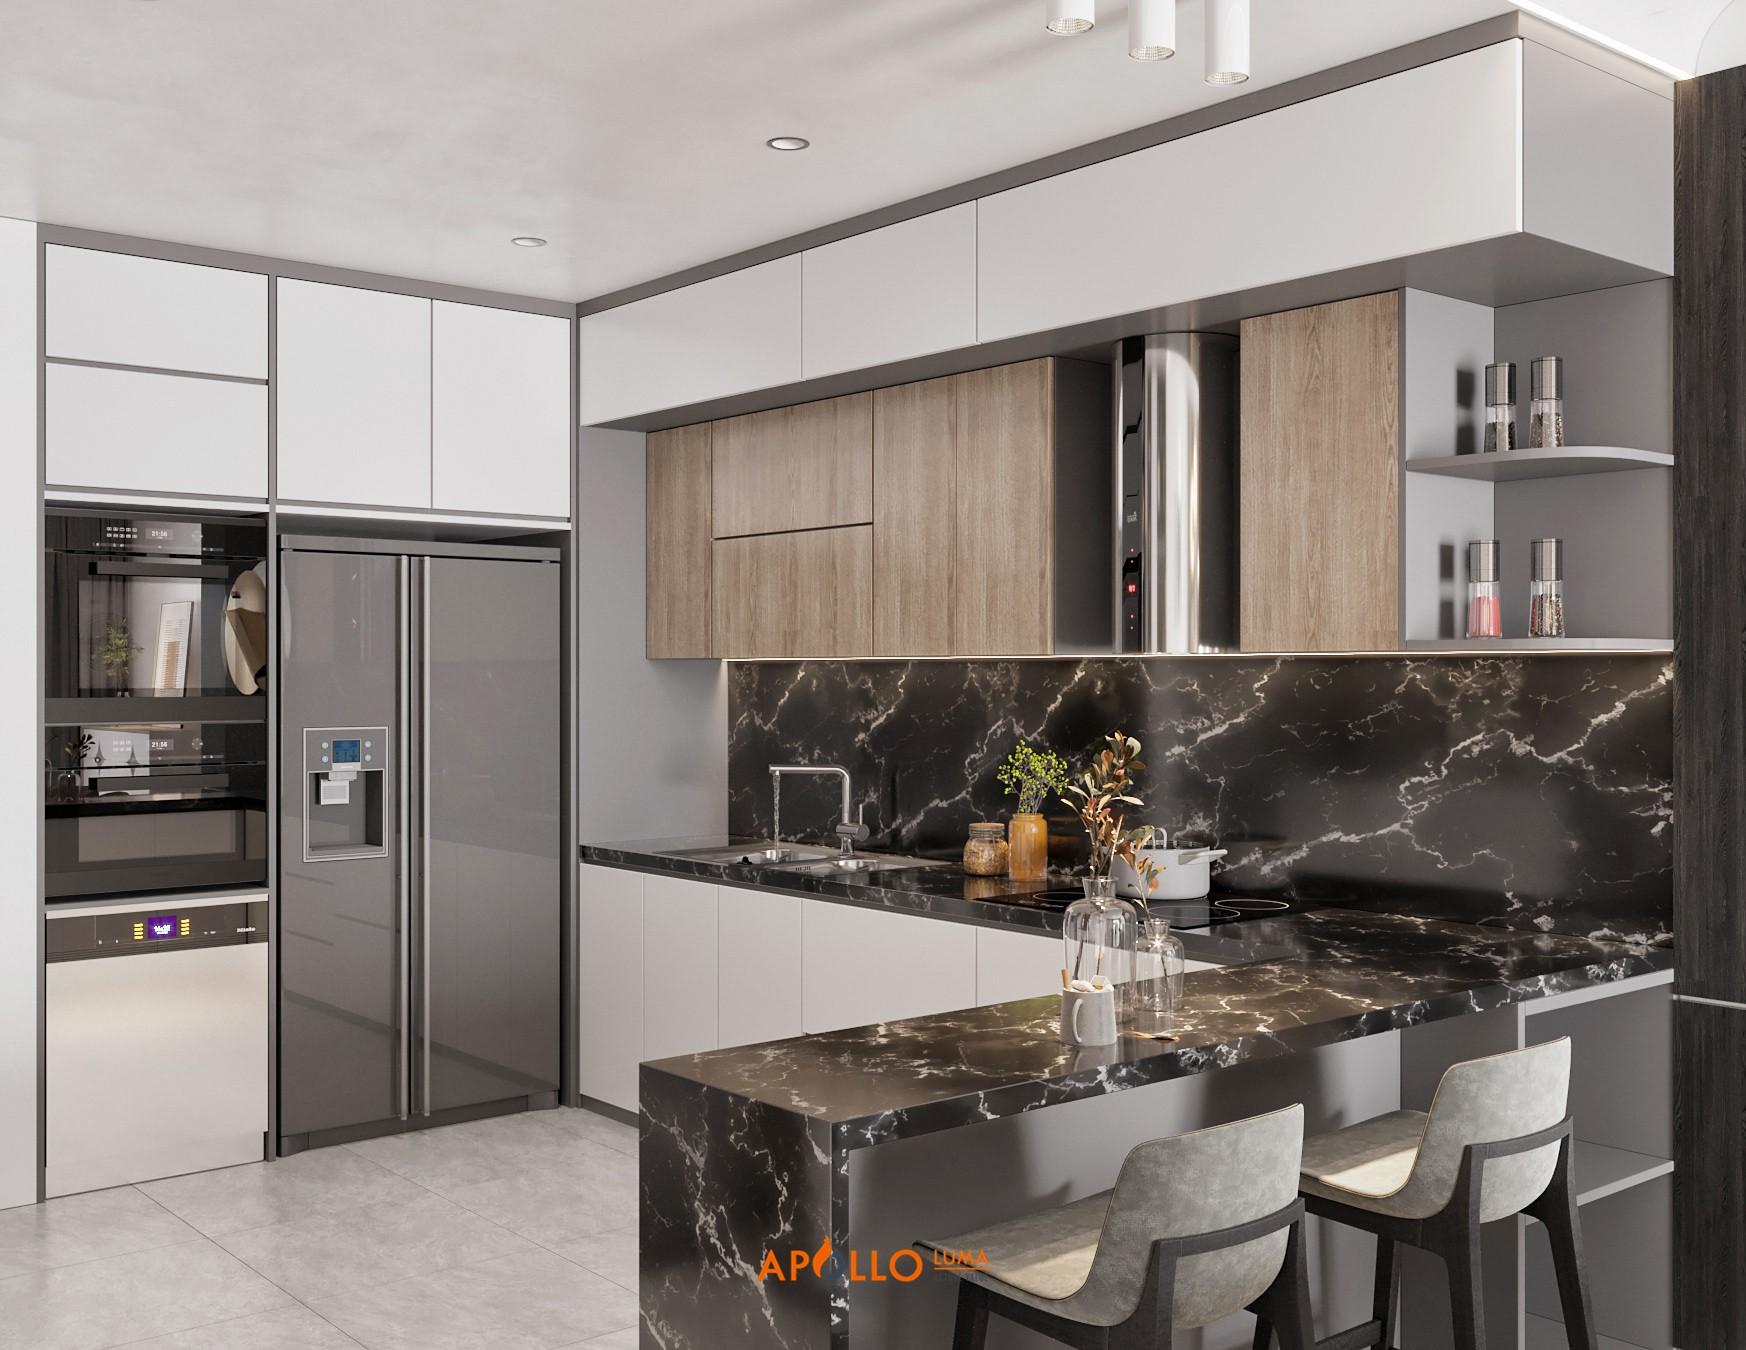 Thiết kế phòng bếp hiện đại cho căn hộ 2PN Times CityThiết kế phòng bếp hiện đại cho căn hộ 2PN Times City